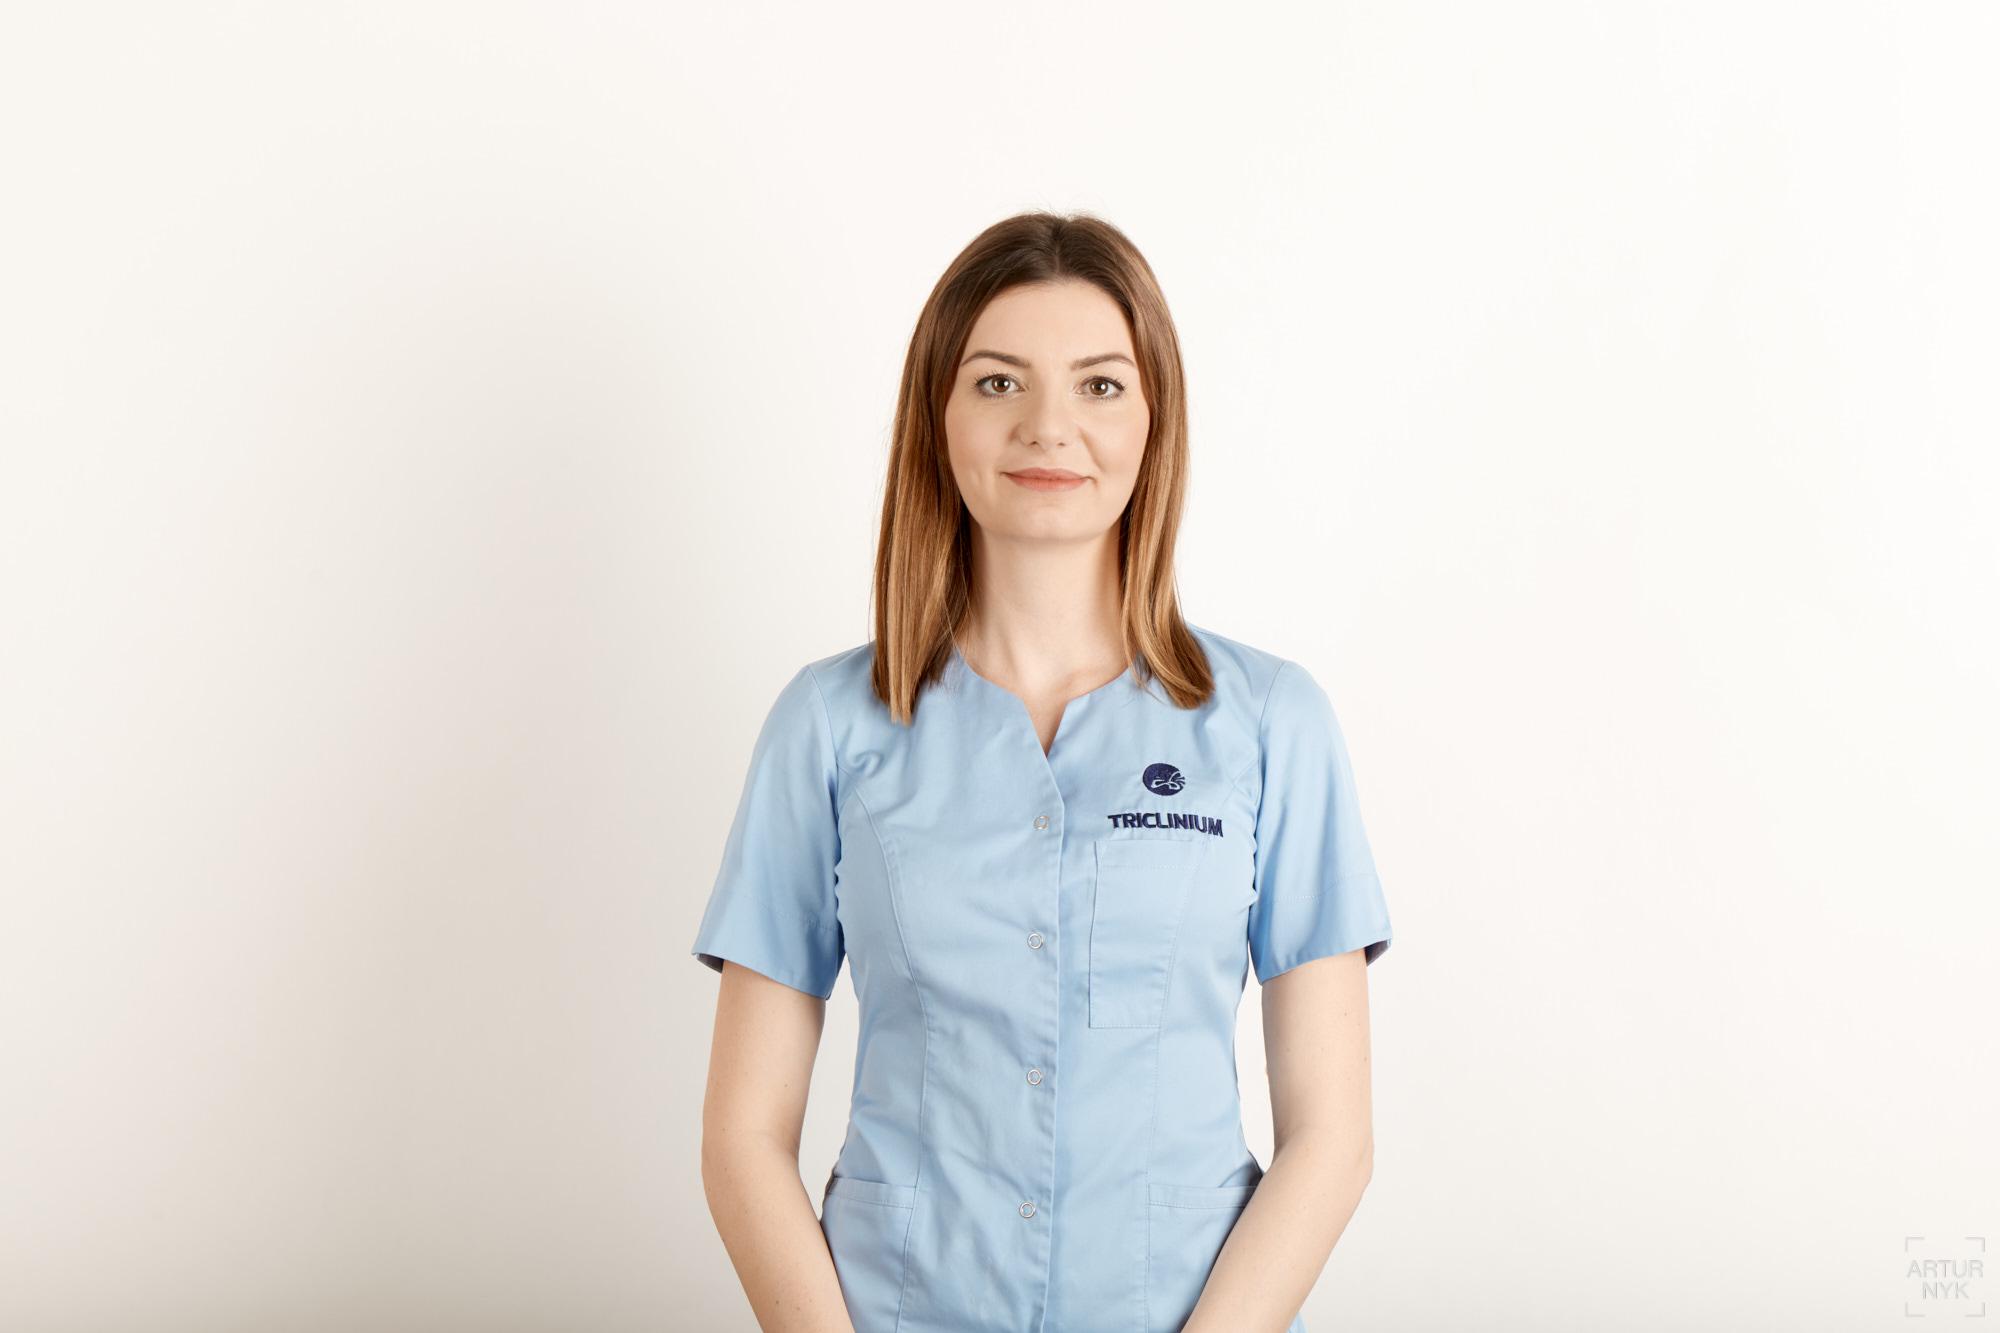 MSc Magdalena Najbar